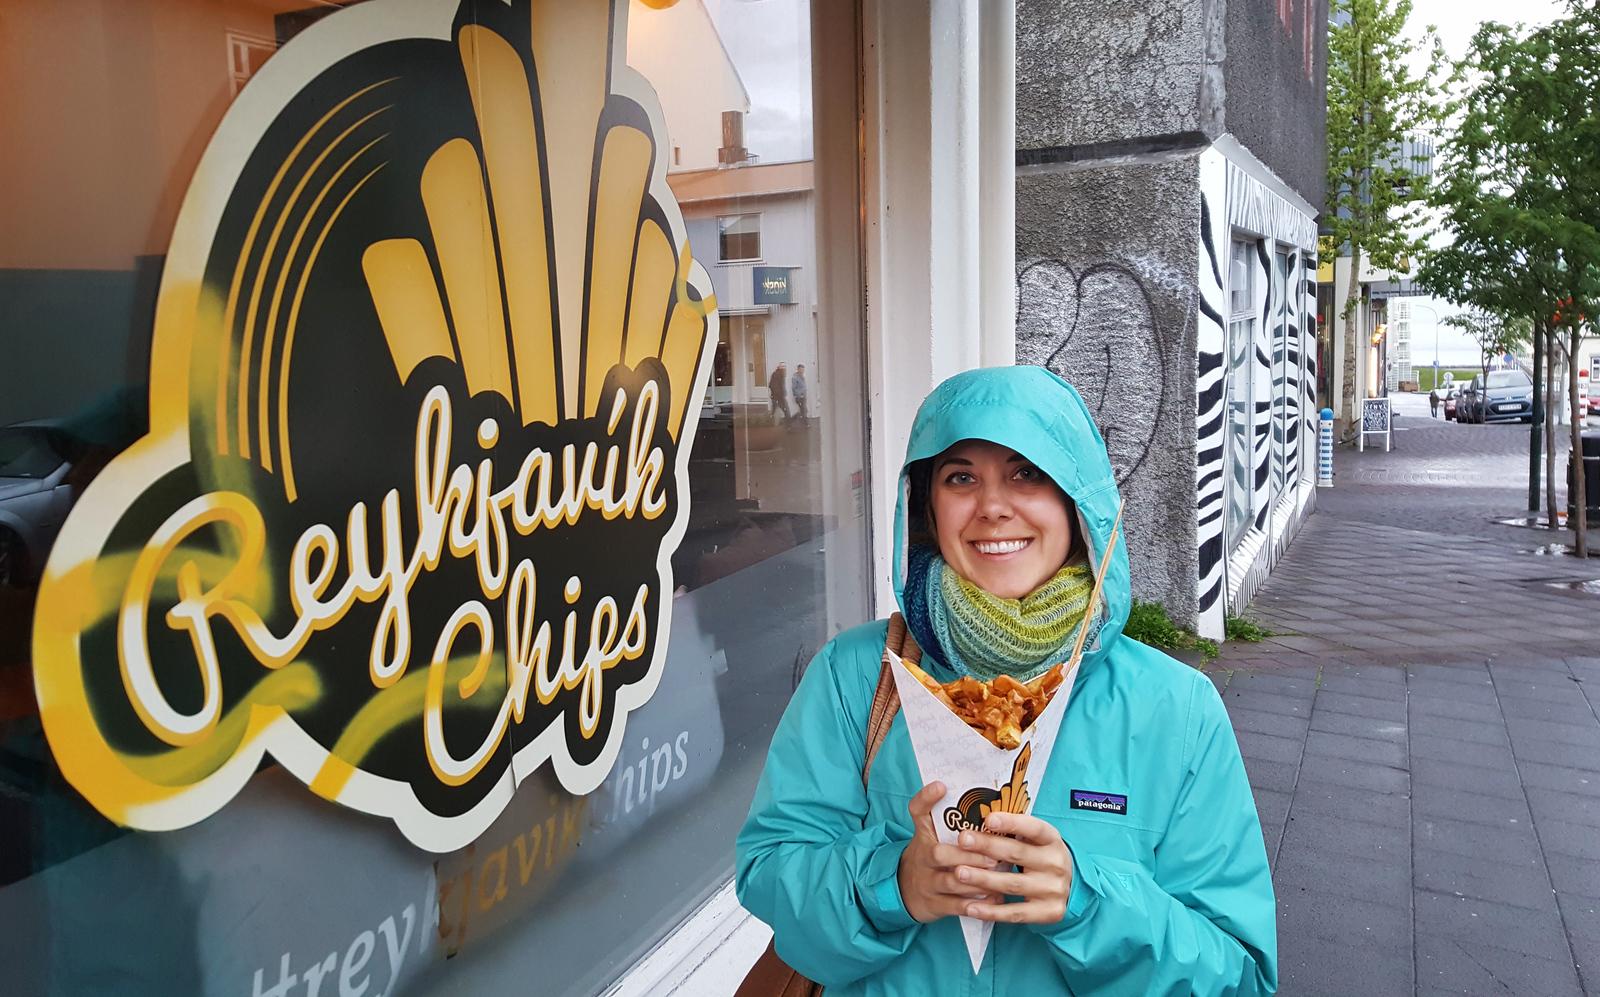 Reykjavik Chips - One day in Reykjavik Iceland